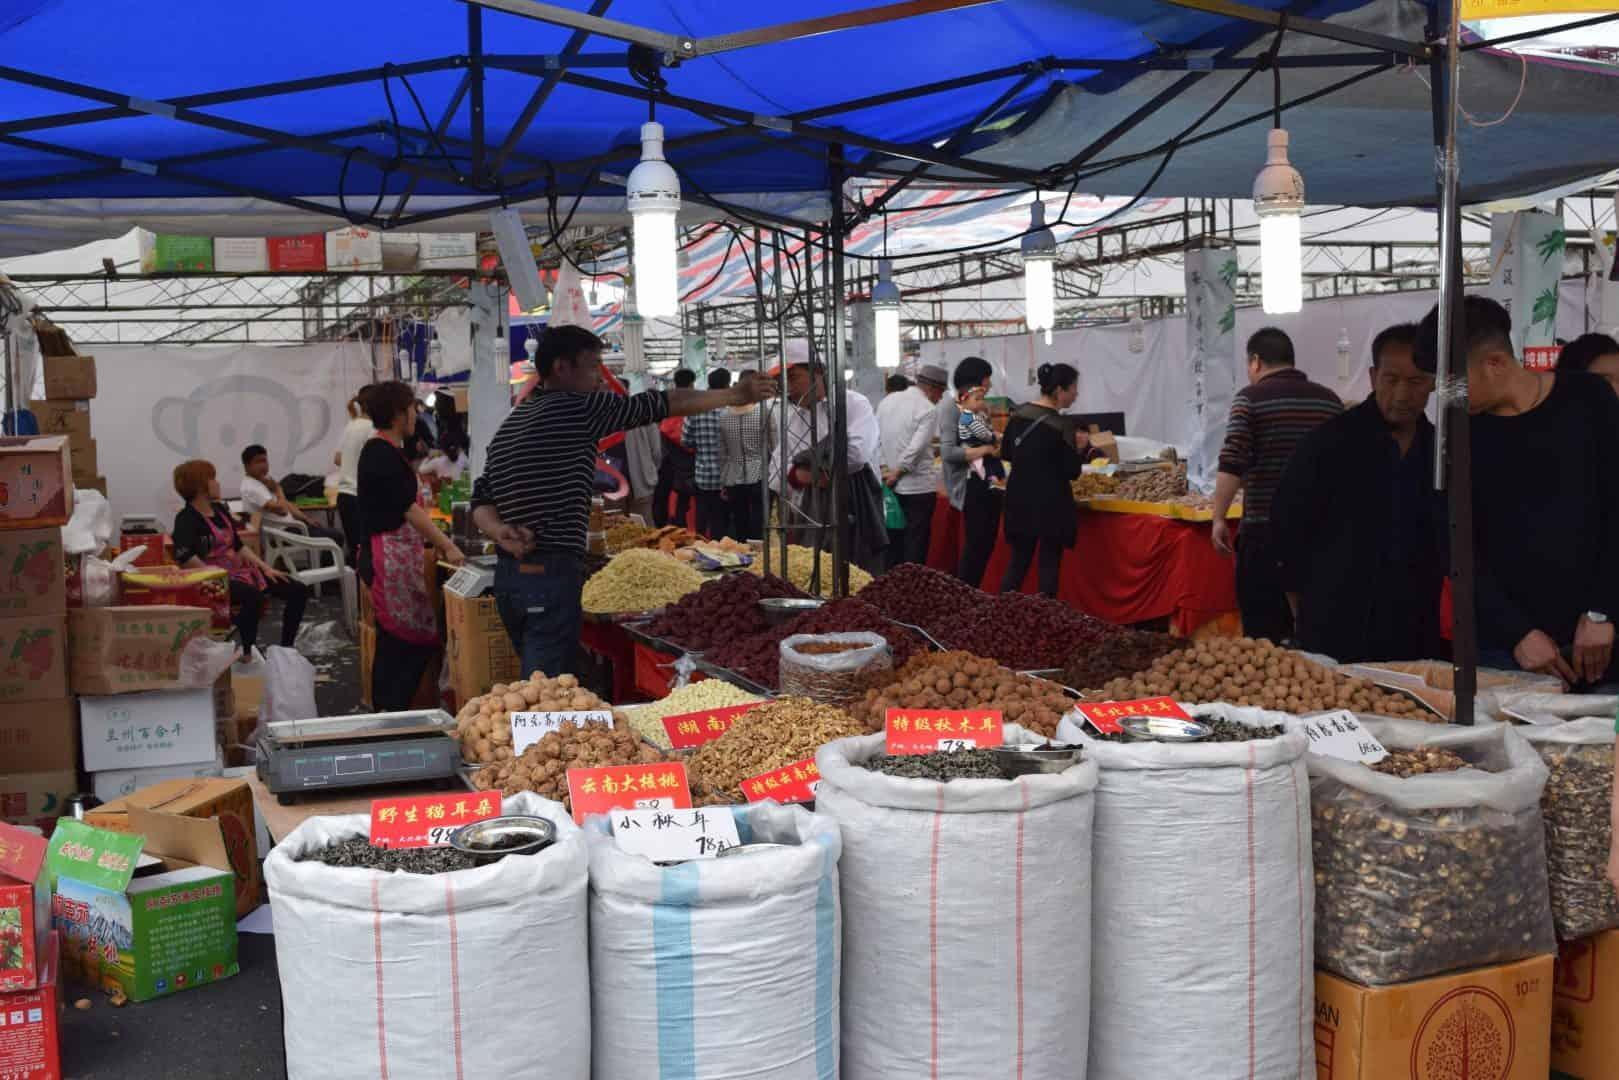 Spice Market in Ningbo